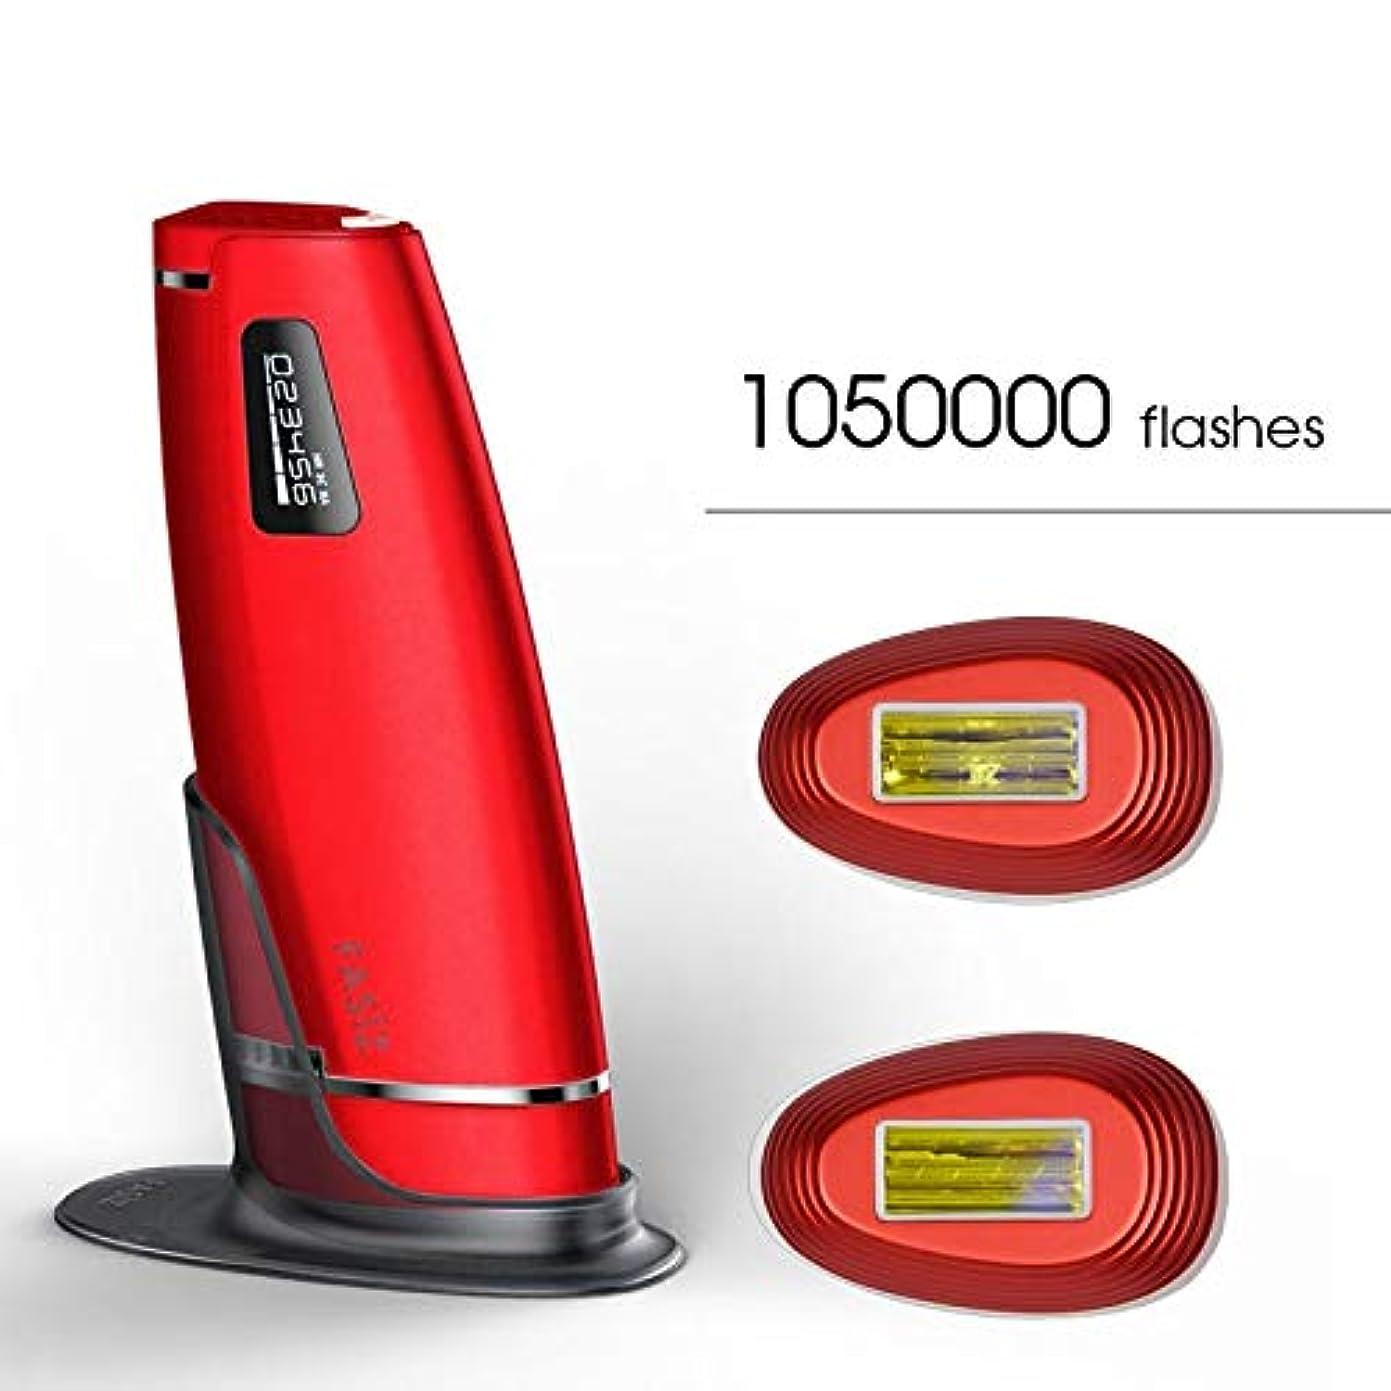 によると用心するアクチュエータFANPING 3in1の1050000pulsed IPLレーザー脱毛デバイス永久脱毛IPLレーザー脱毛器脇脱毛機 (Color : 赤)